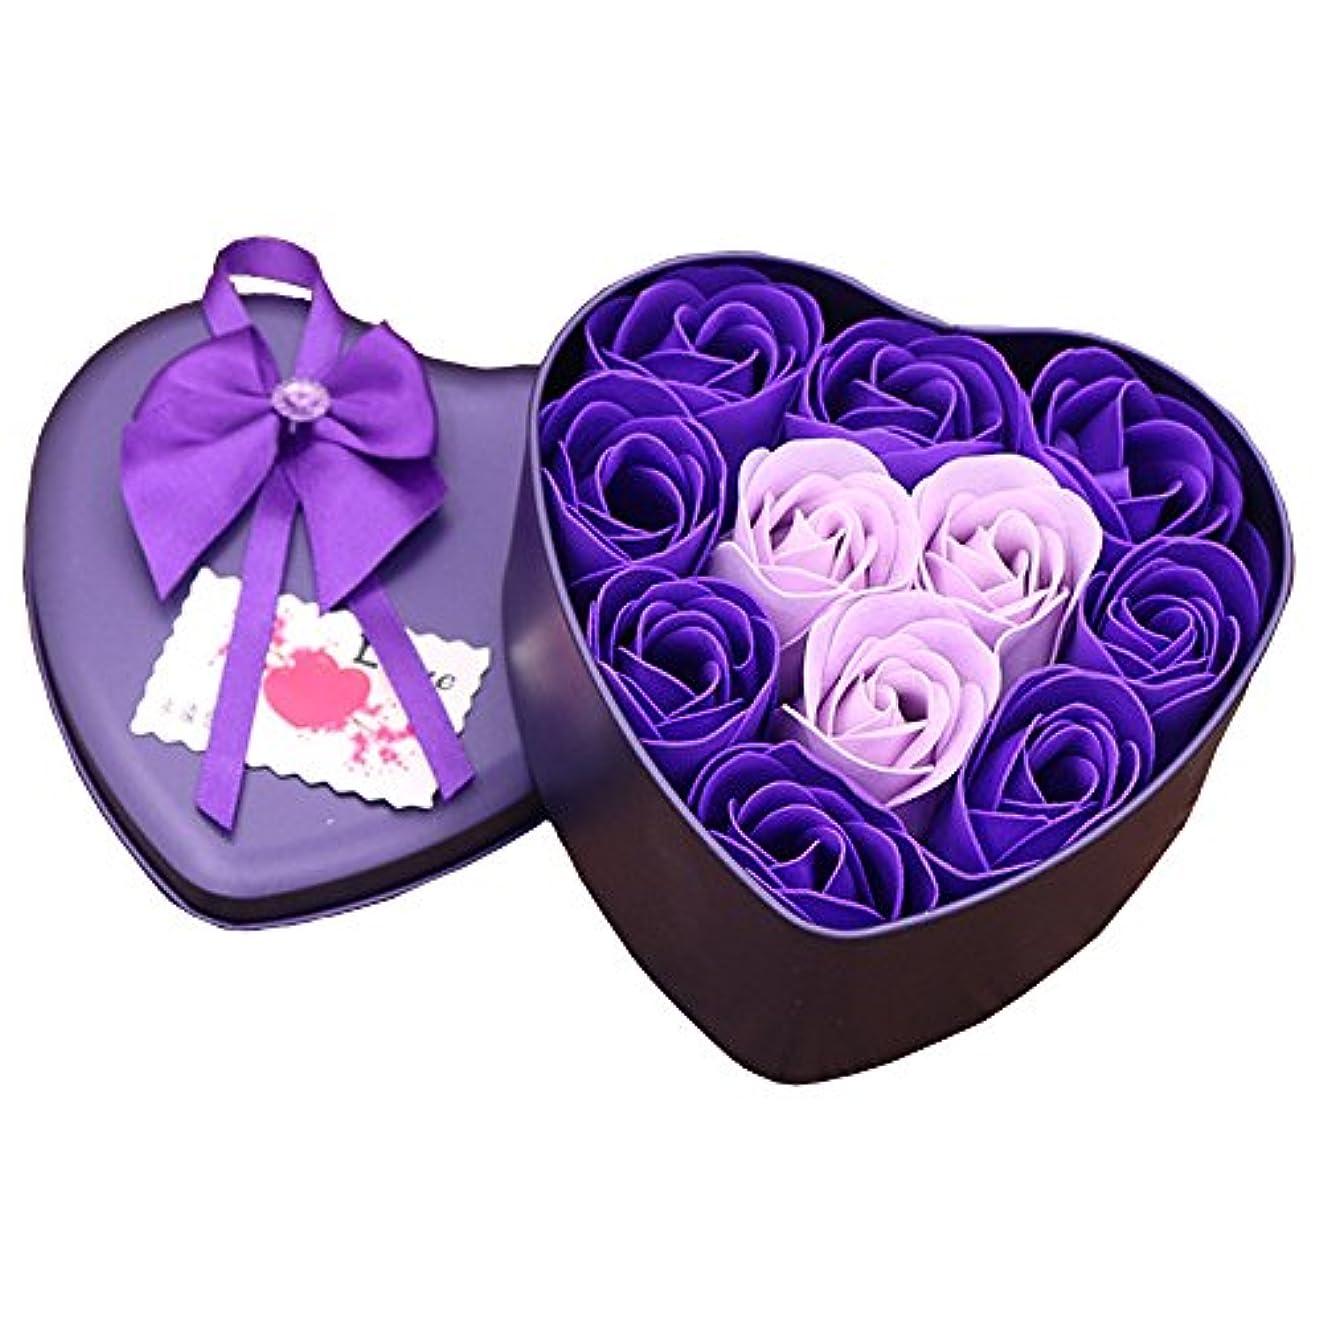 変位死にかけているコピーiCoole ソープフラワー 石鹸花 ハードフラワー形状 ギフトボックス入り 母の日 バレンタインデー お誕生日 ギフト